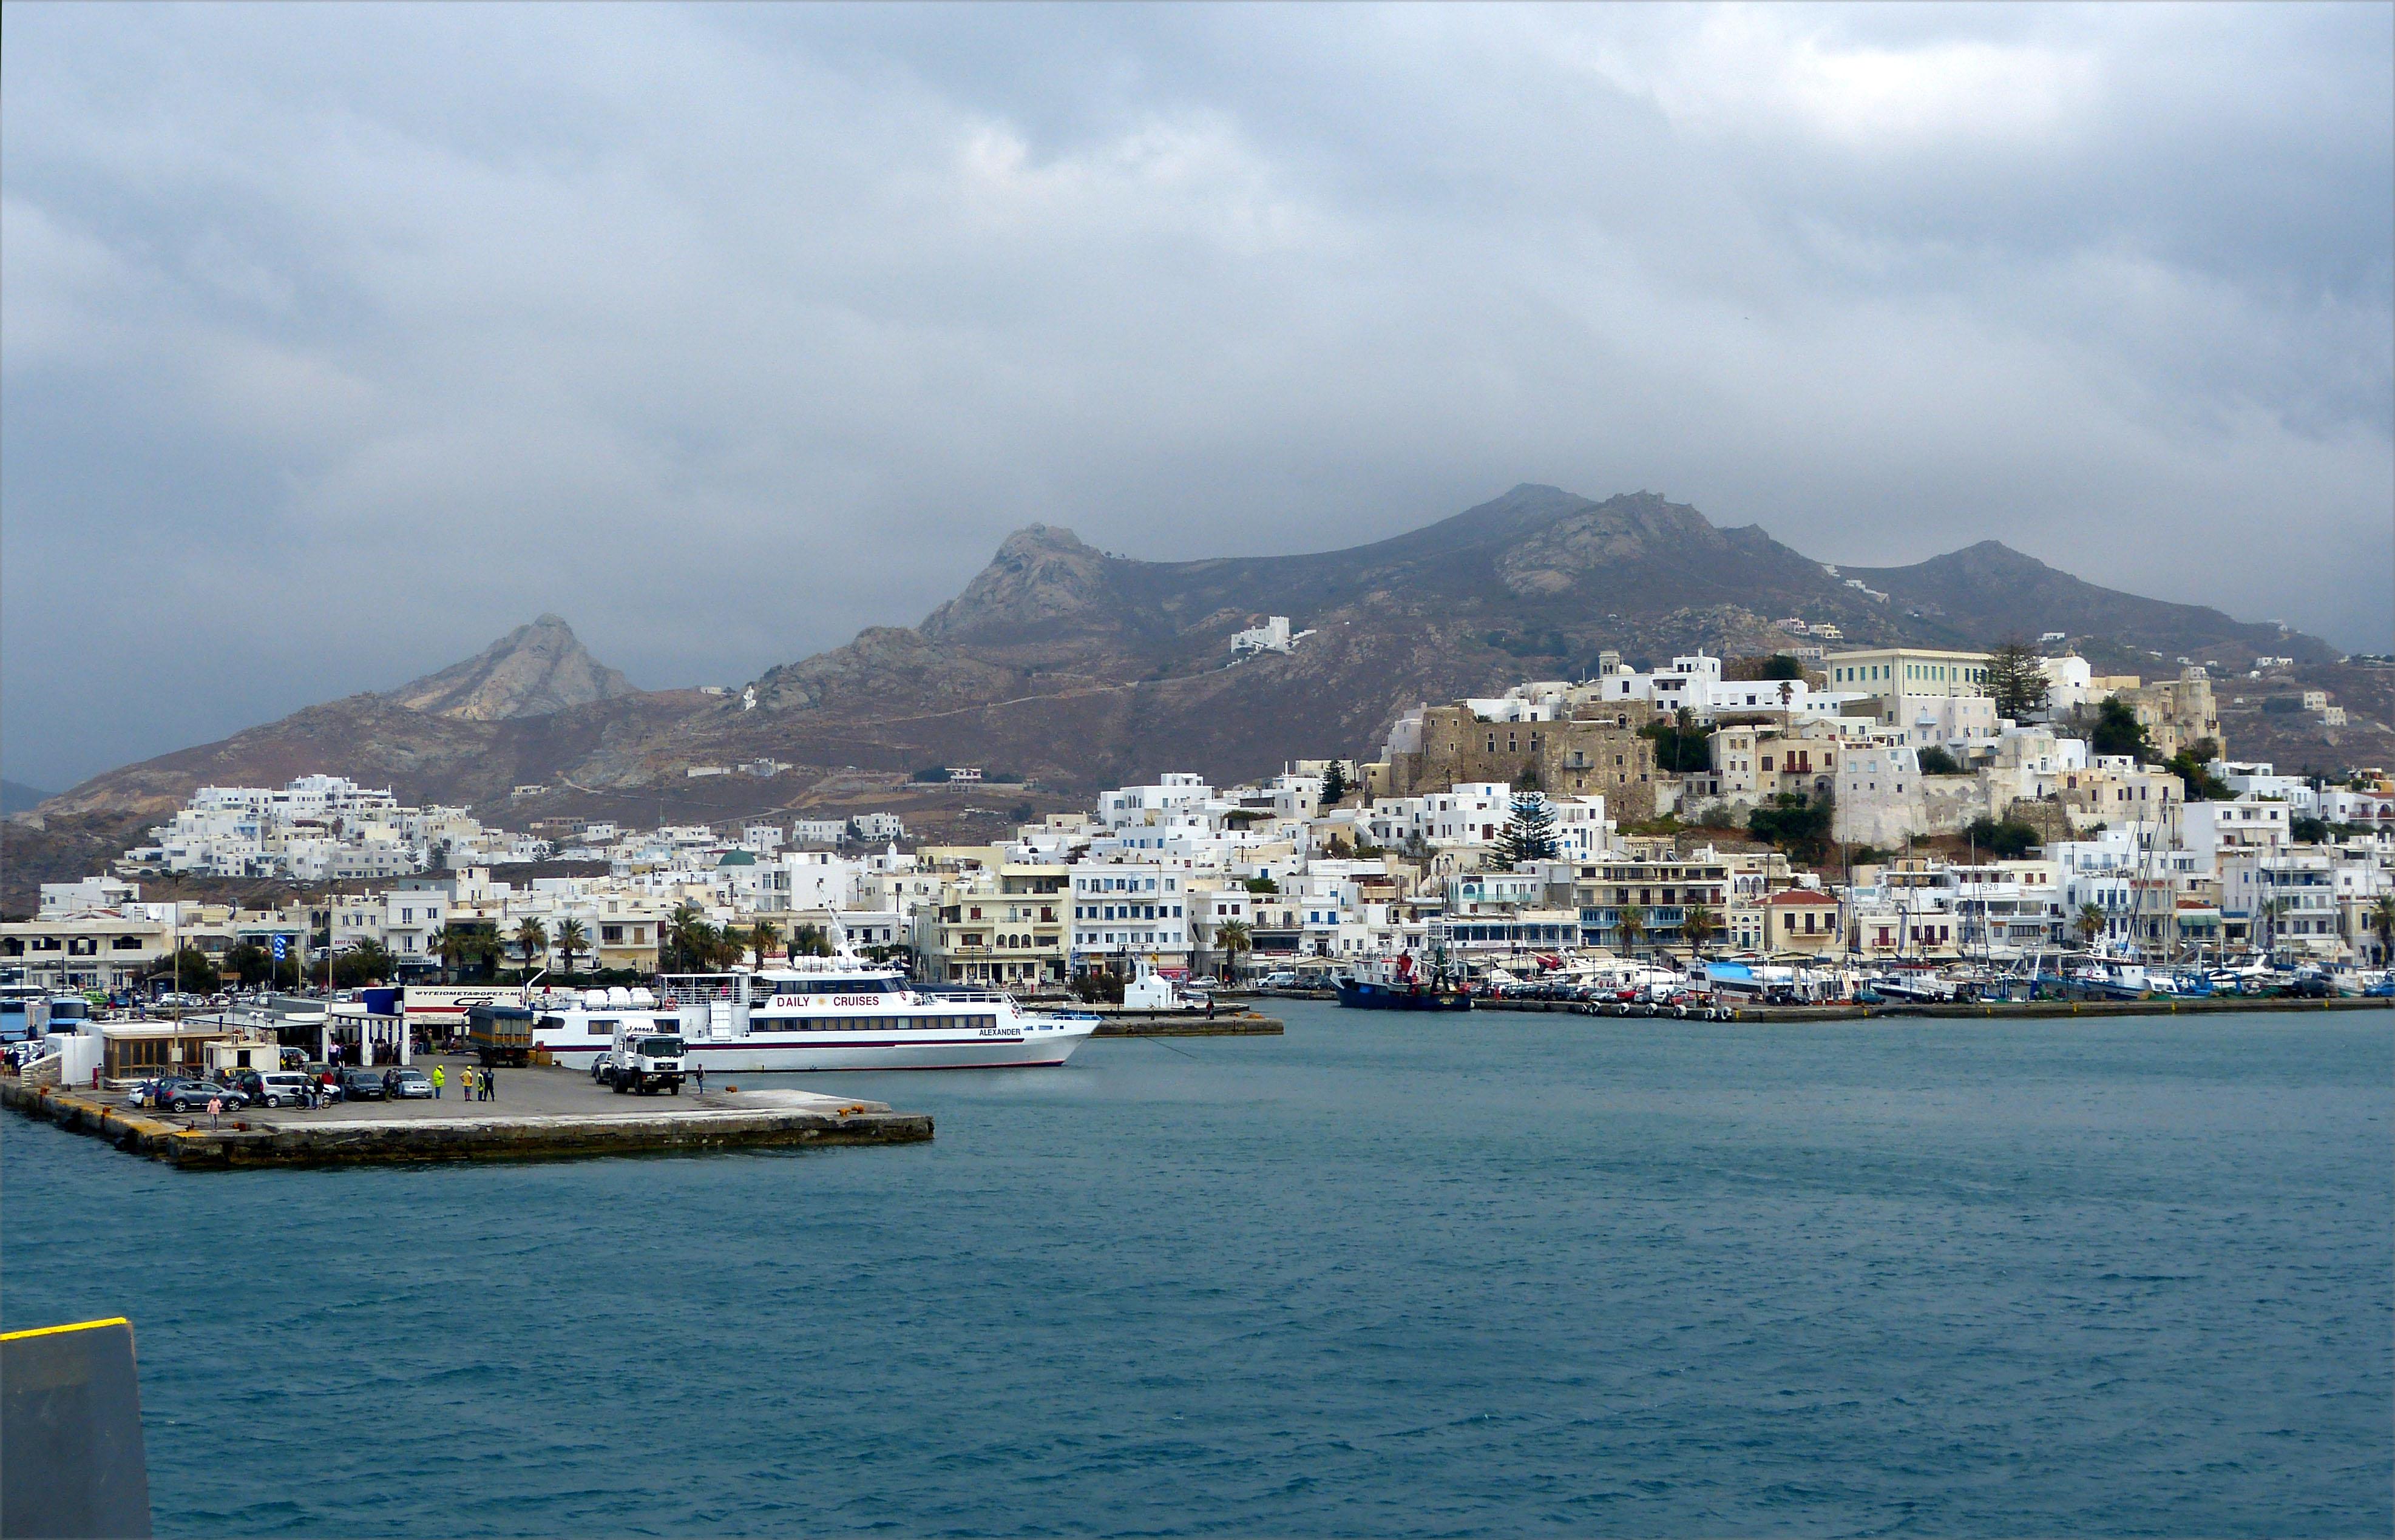 2018-09-28ho Naxos - Naxos Stadt